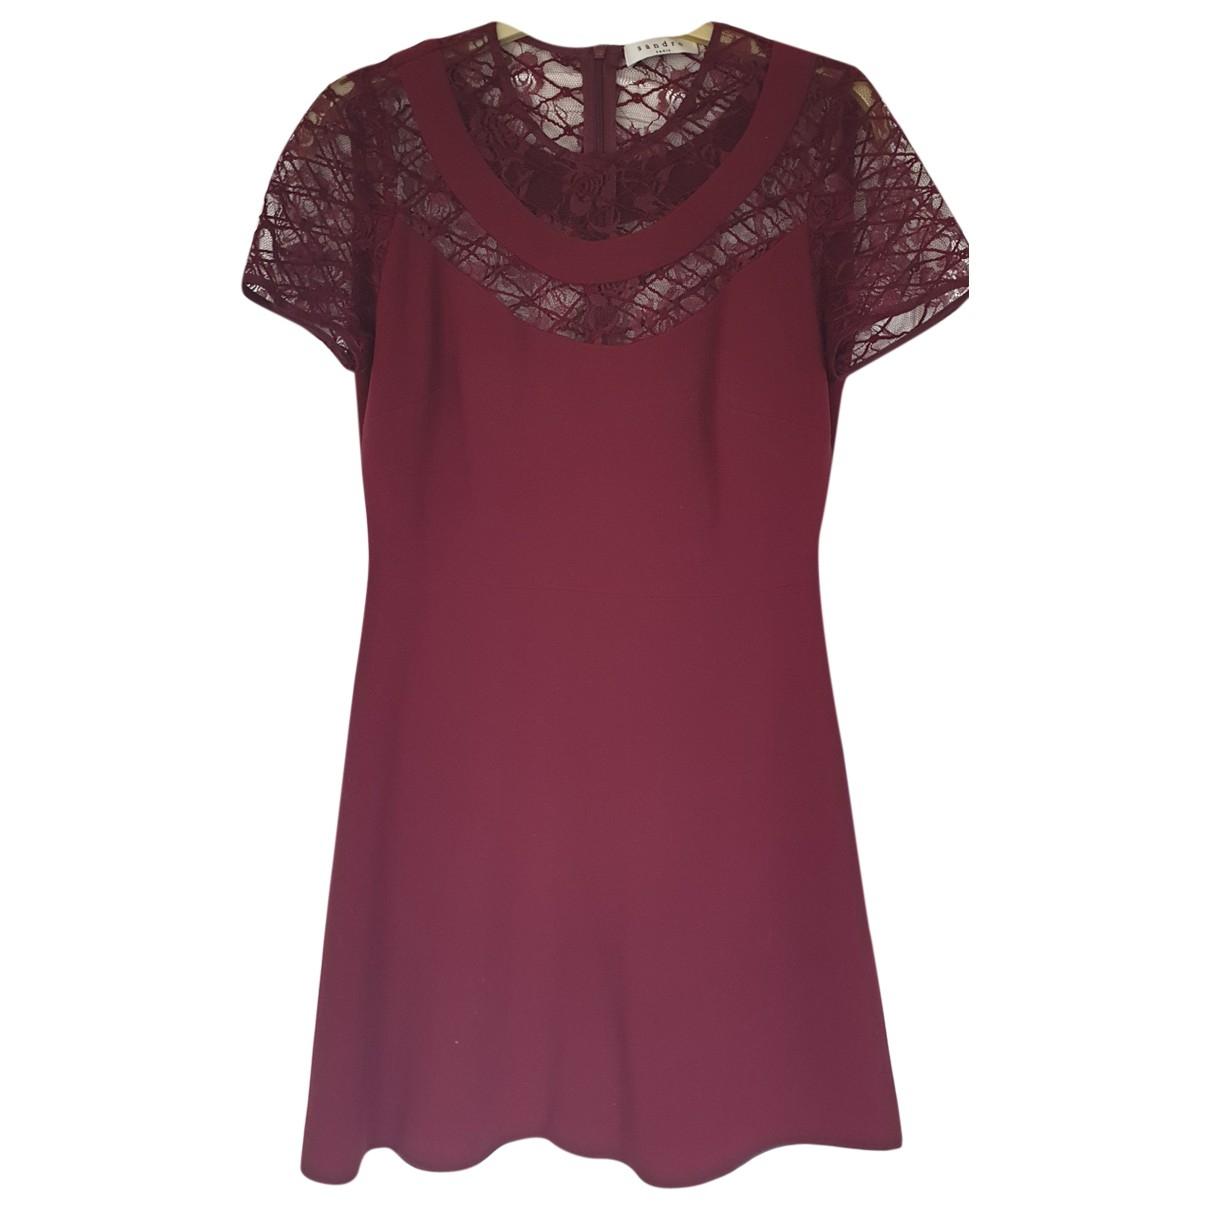 Sandro \N Burgundy dress for Women 34 FR